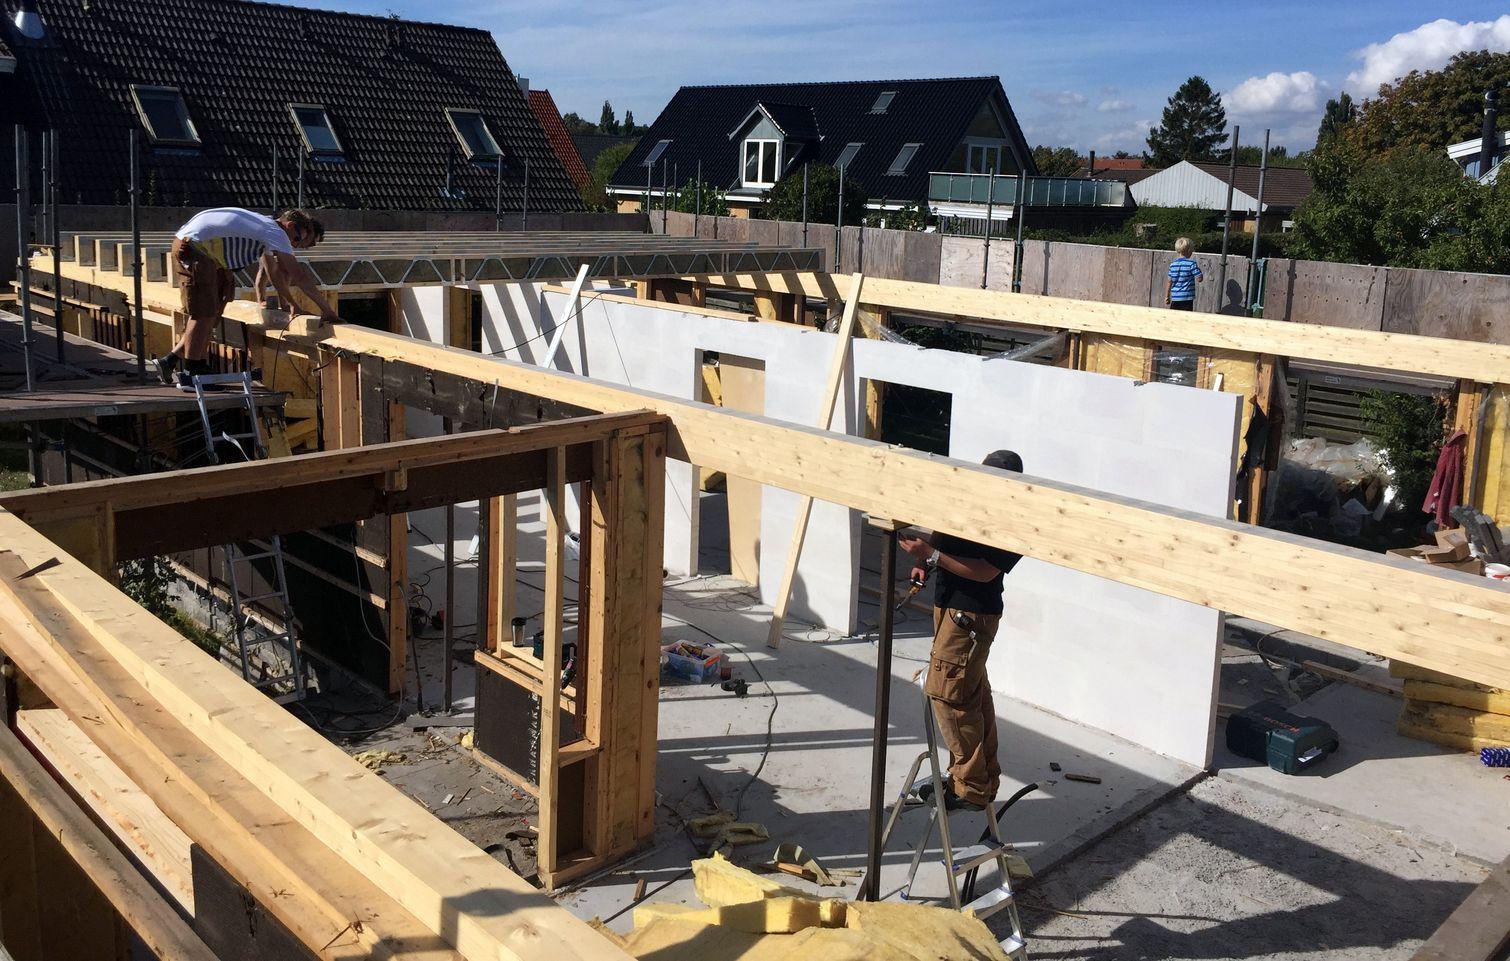 #9C712F Dette års Drømmer Du Også Om At Bygge En 1. Sal Med Loft Til Kip? Gør Det Selv Loft Til Kip 5691 15109615691